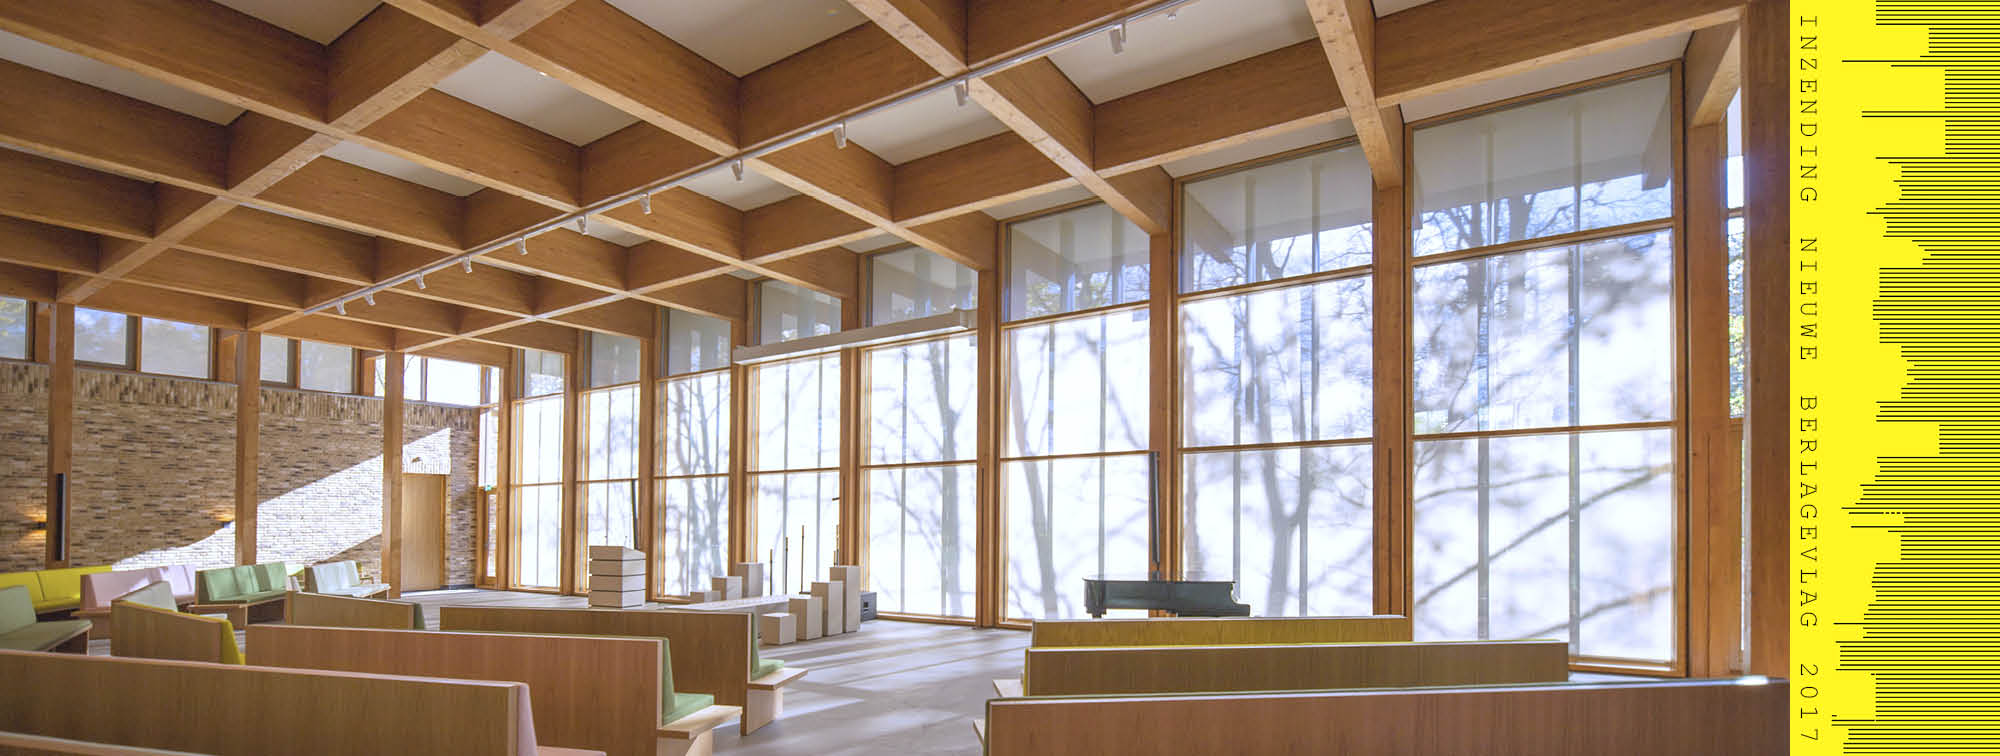 aula uitvaartcentrum Ockenburgh ontworpen door KOW